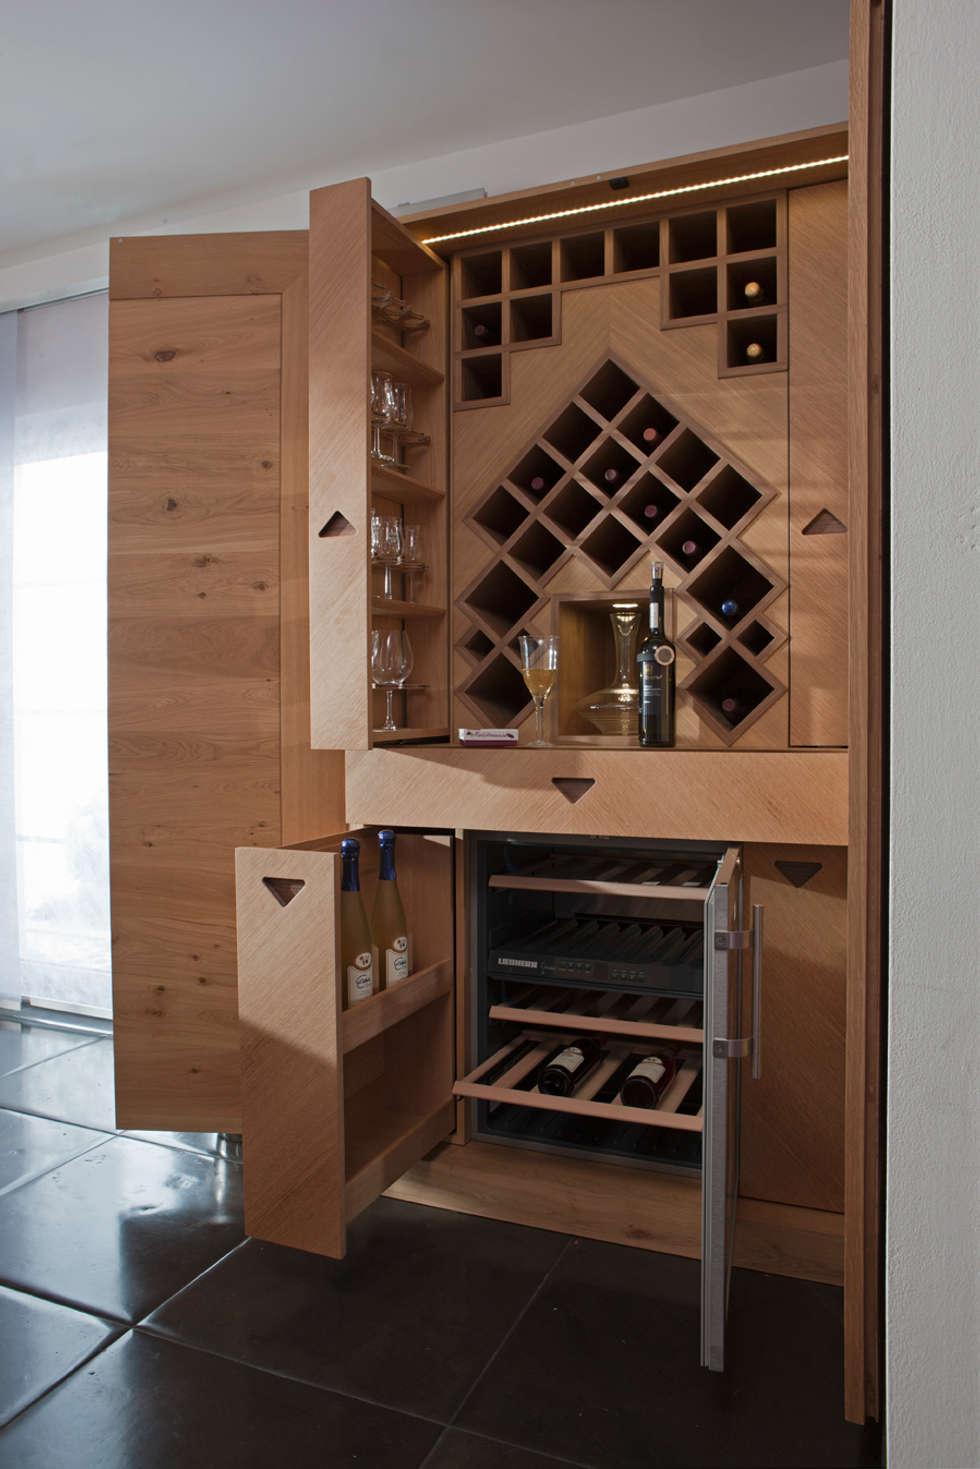 Moderner weinschrank aus eichenholz: moderne küche von baur ...